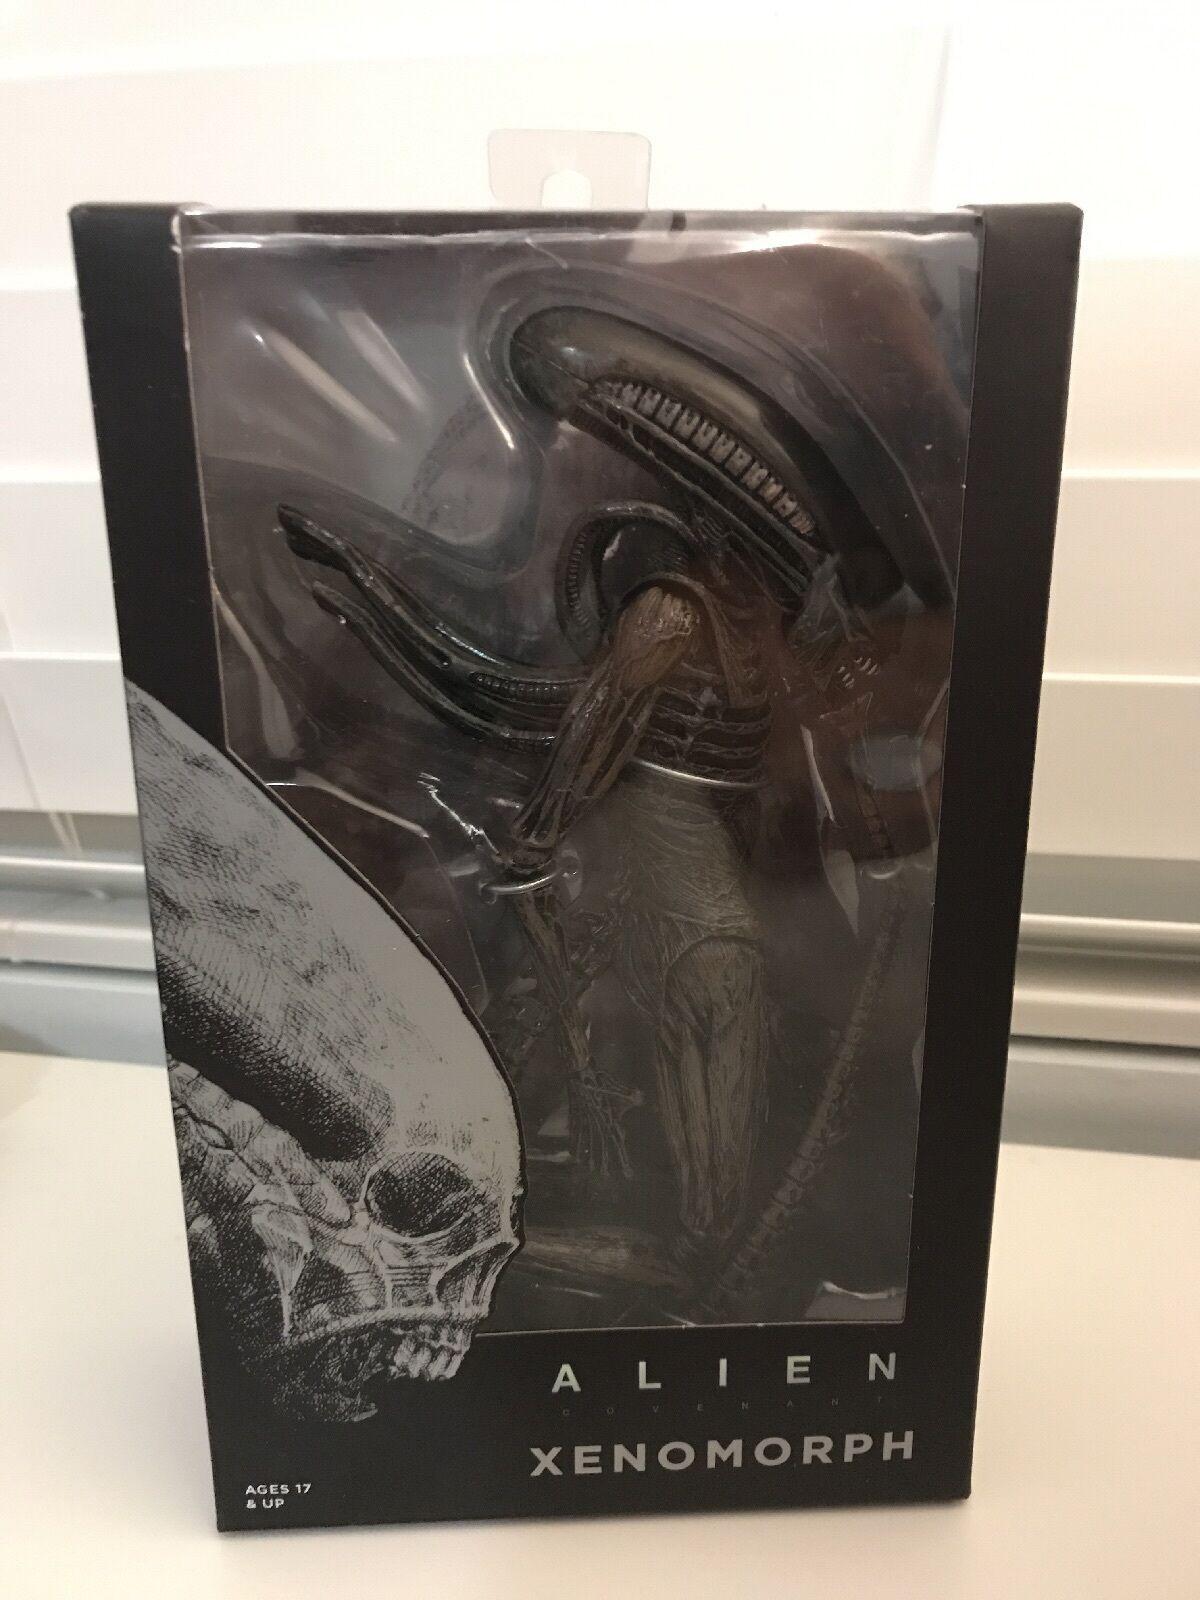 10  XENOMORPH action figure ALIEN COVENANT aliens PROMETHEUS neomorph NECA 2017